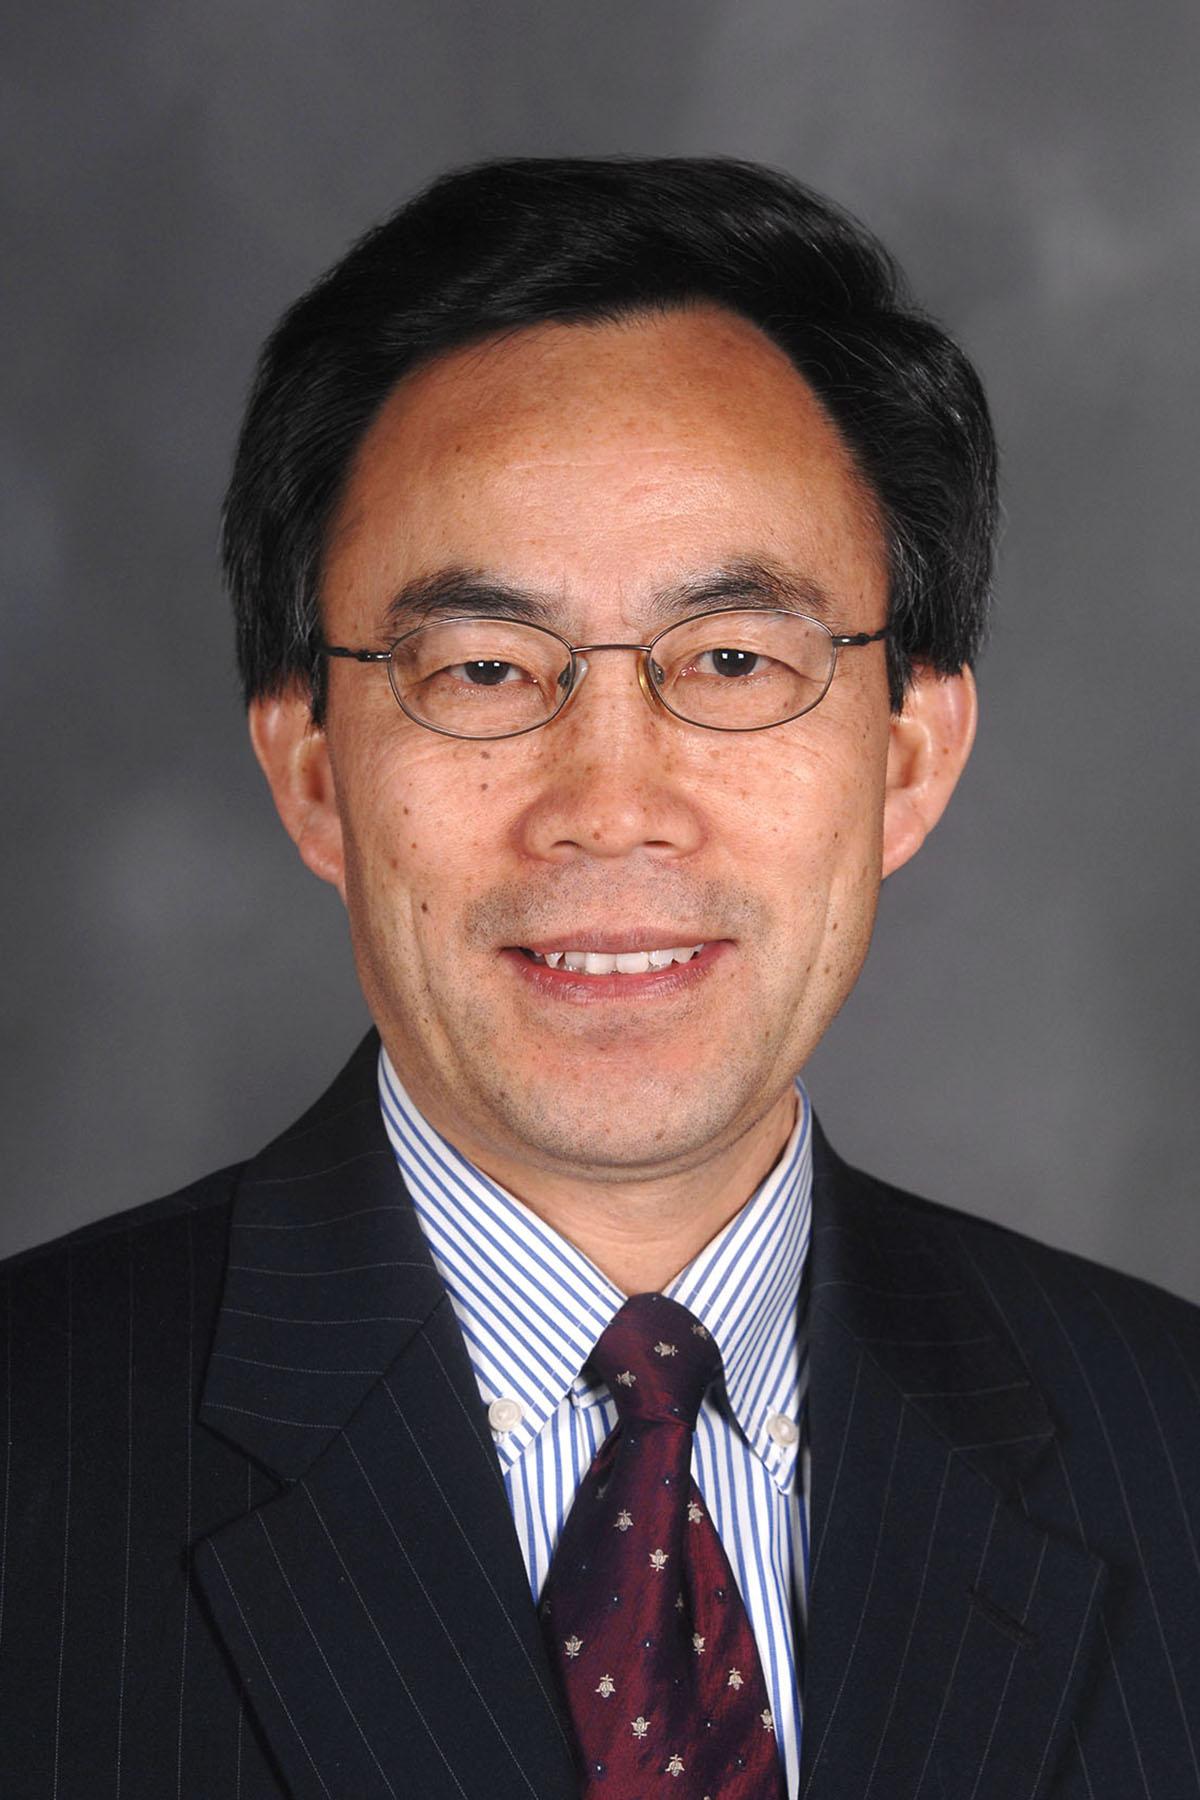 Headshot of Dr. Yanhai Du